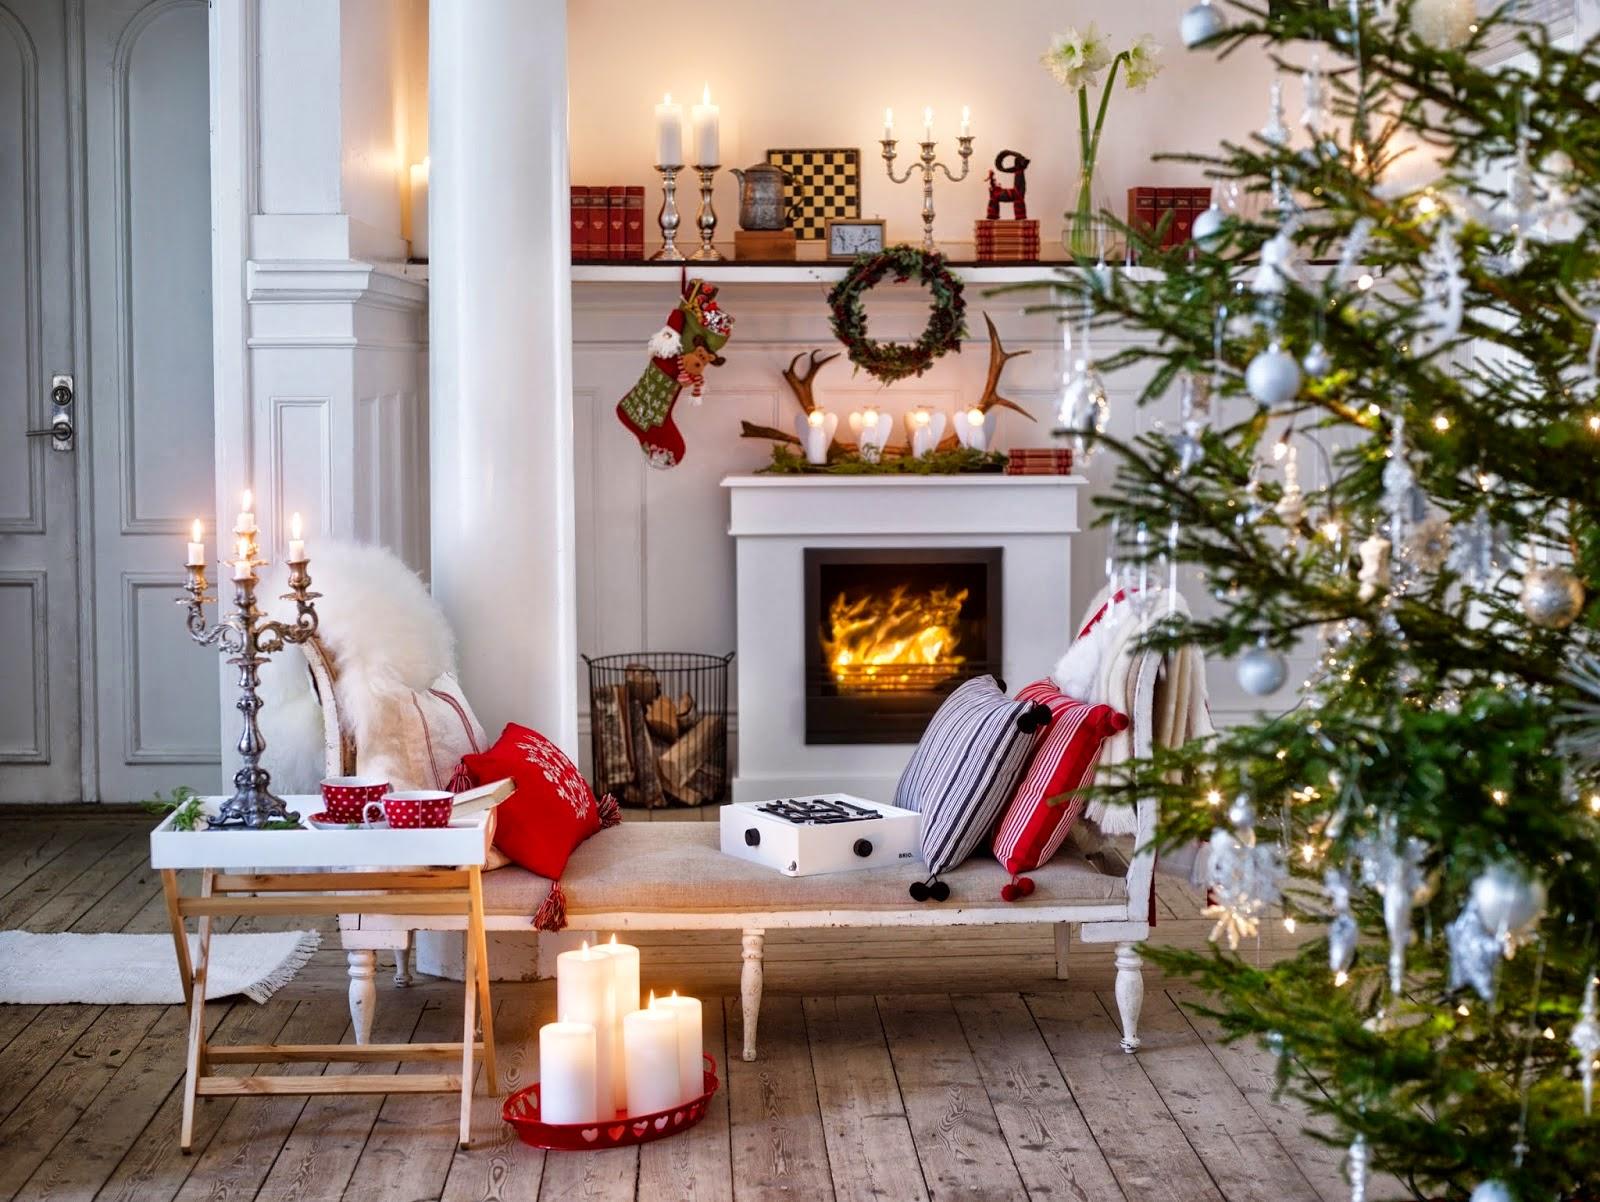 Eccezionale BOISERIE & C.: Natale arredo décor bianco rosso legno GI97